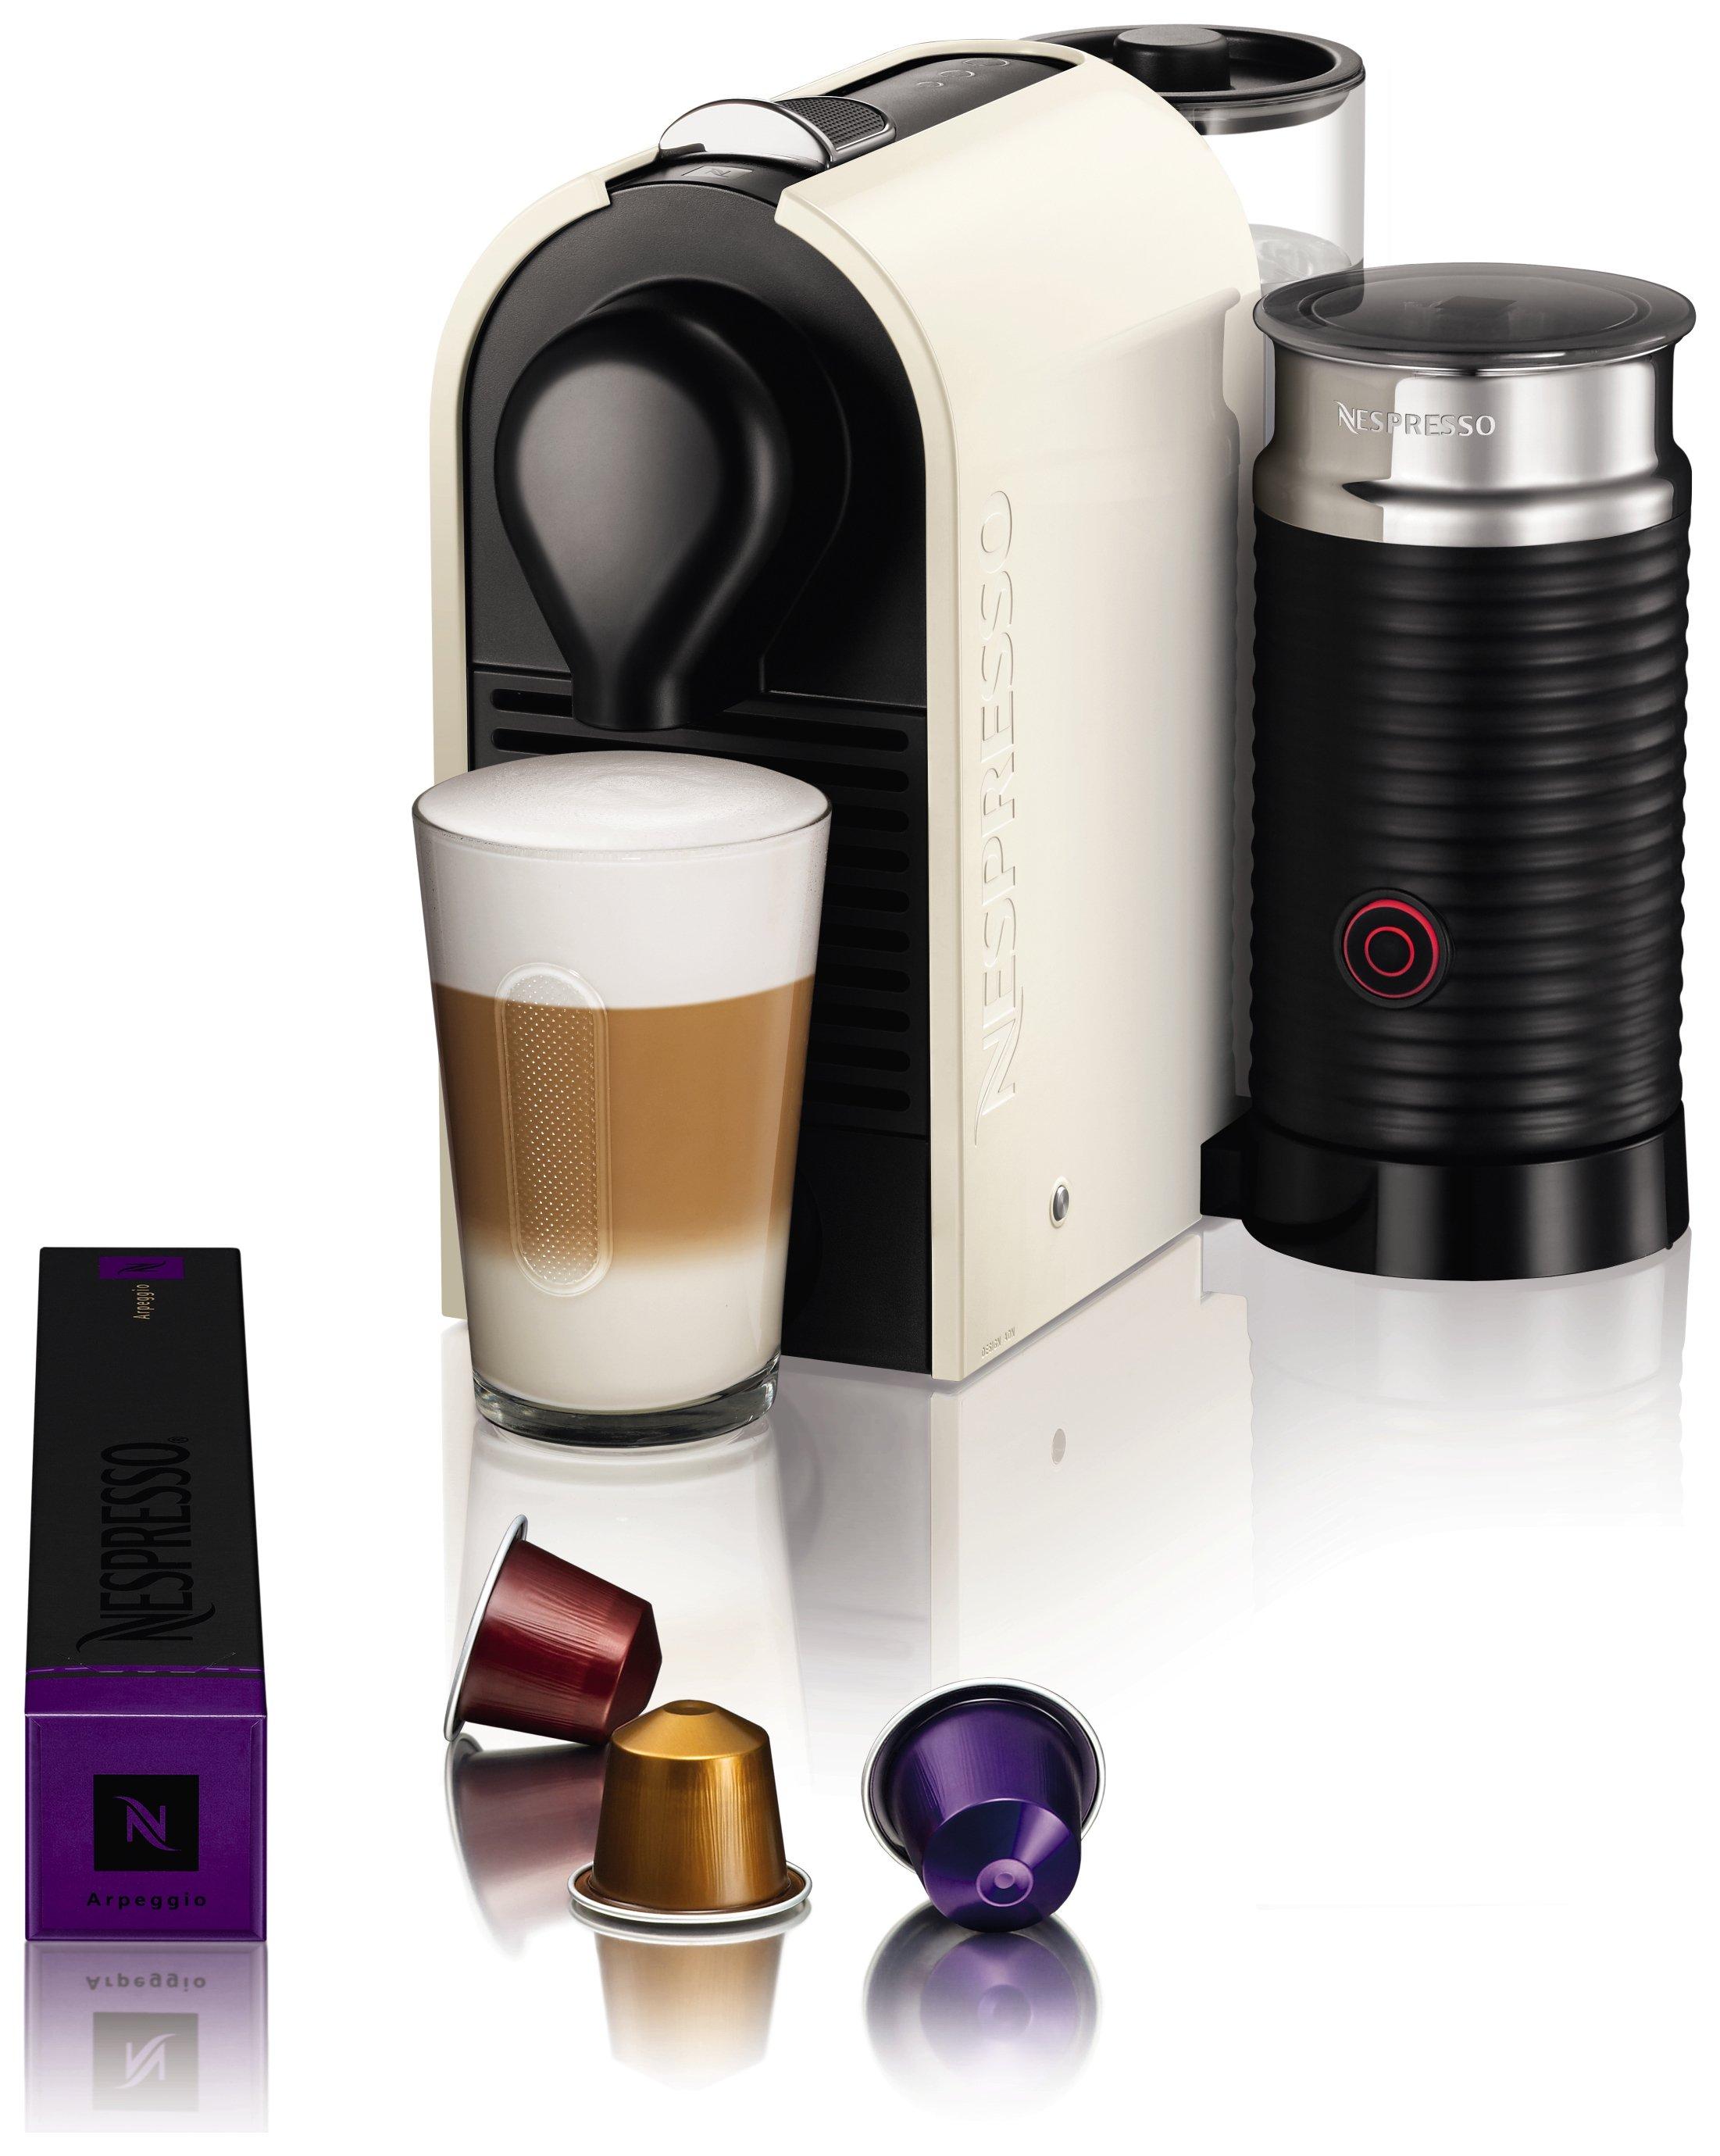 nespresso umilk coffee machine